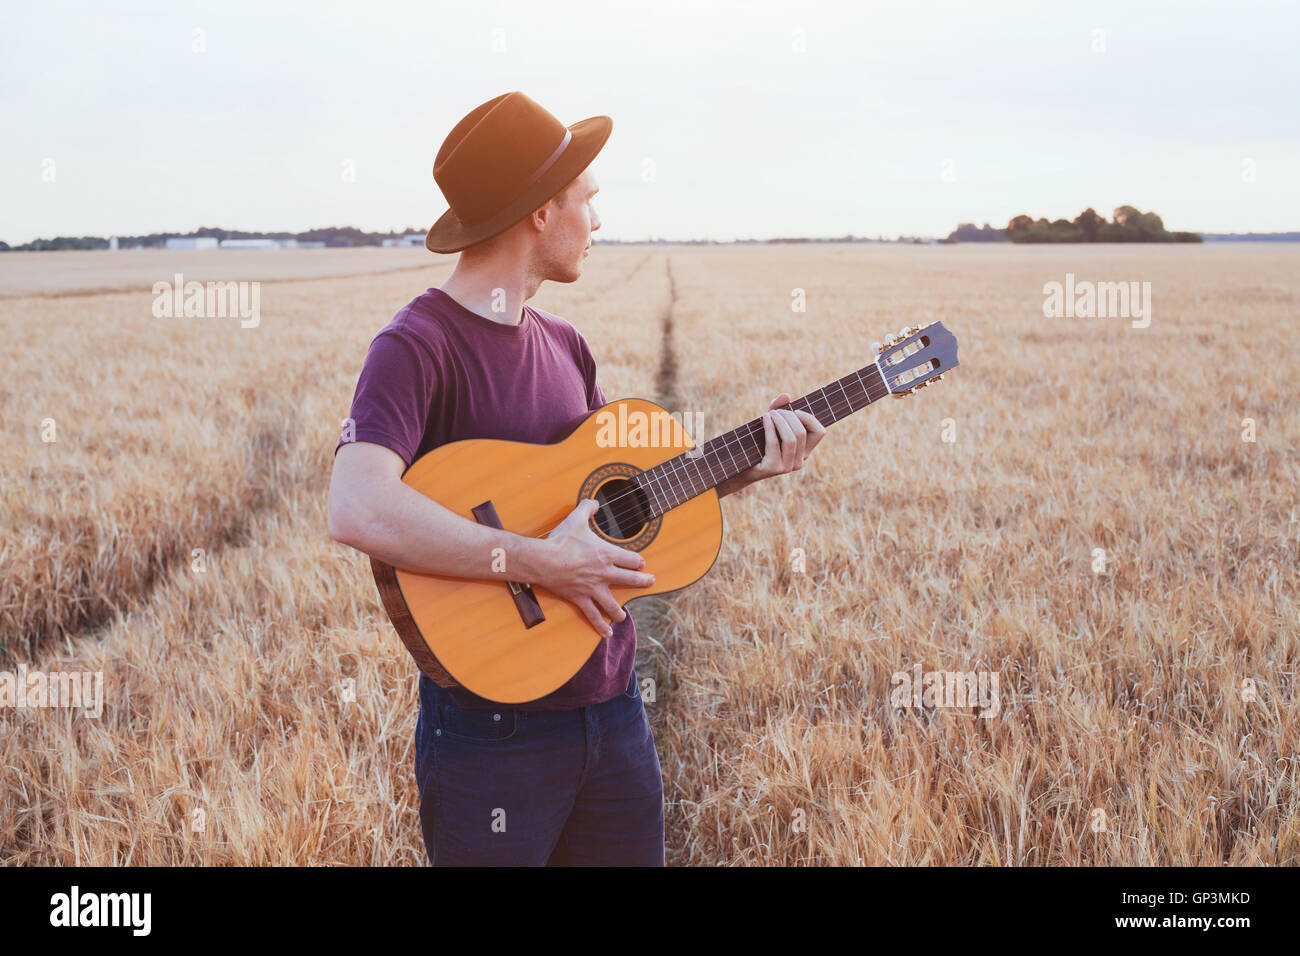 Giovane uomo a suonare la chitarra nel campo al tramonto, romantico canto d amore Immagini Stock